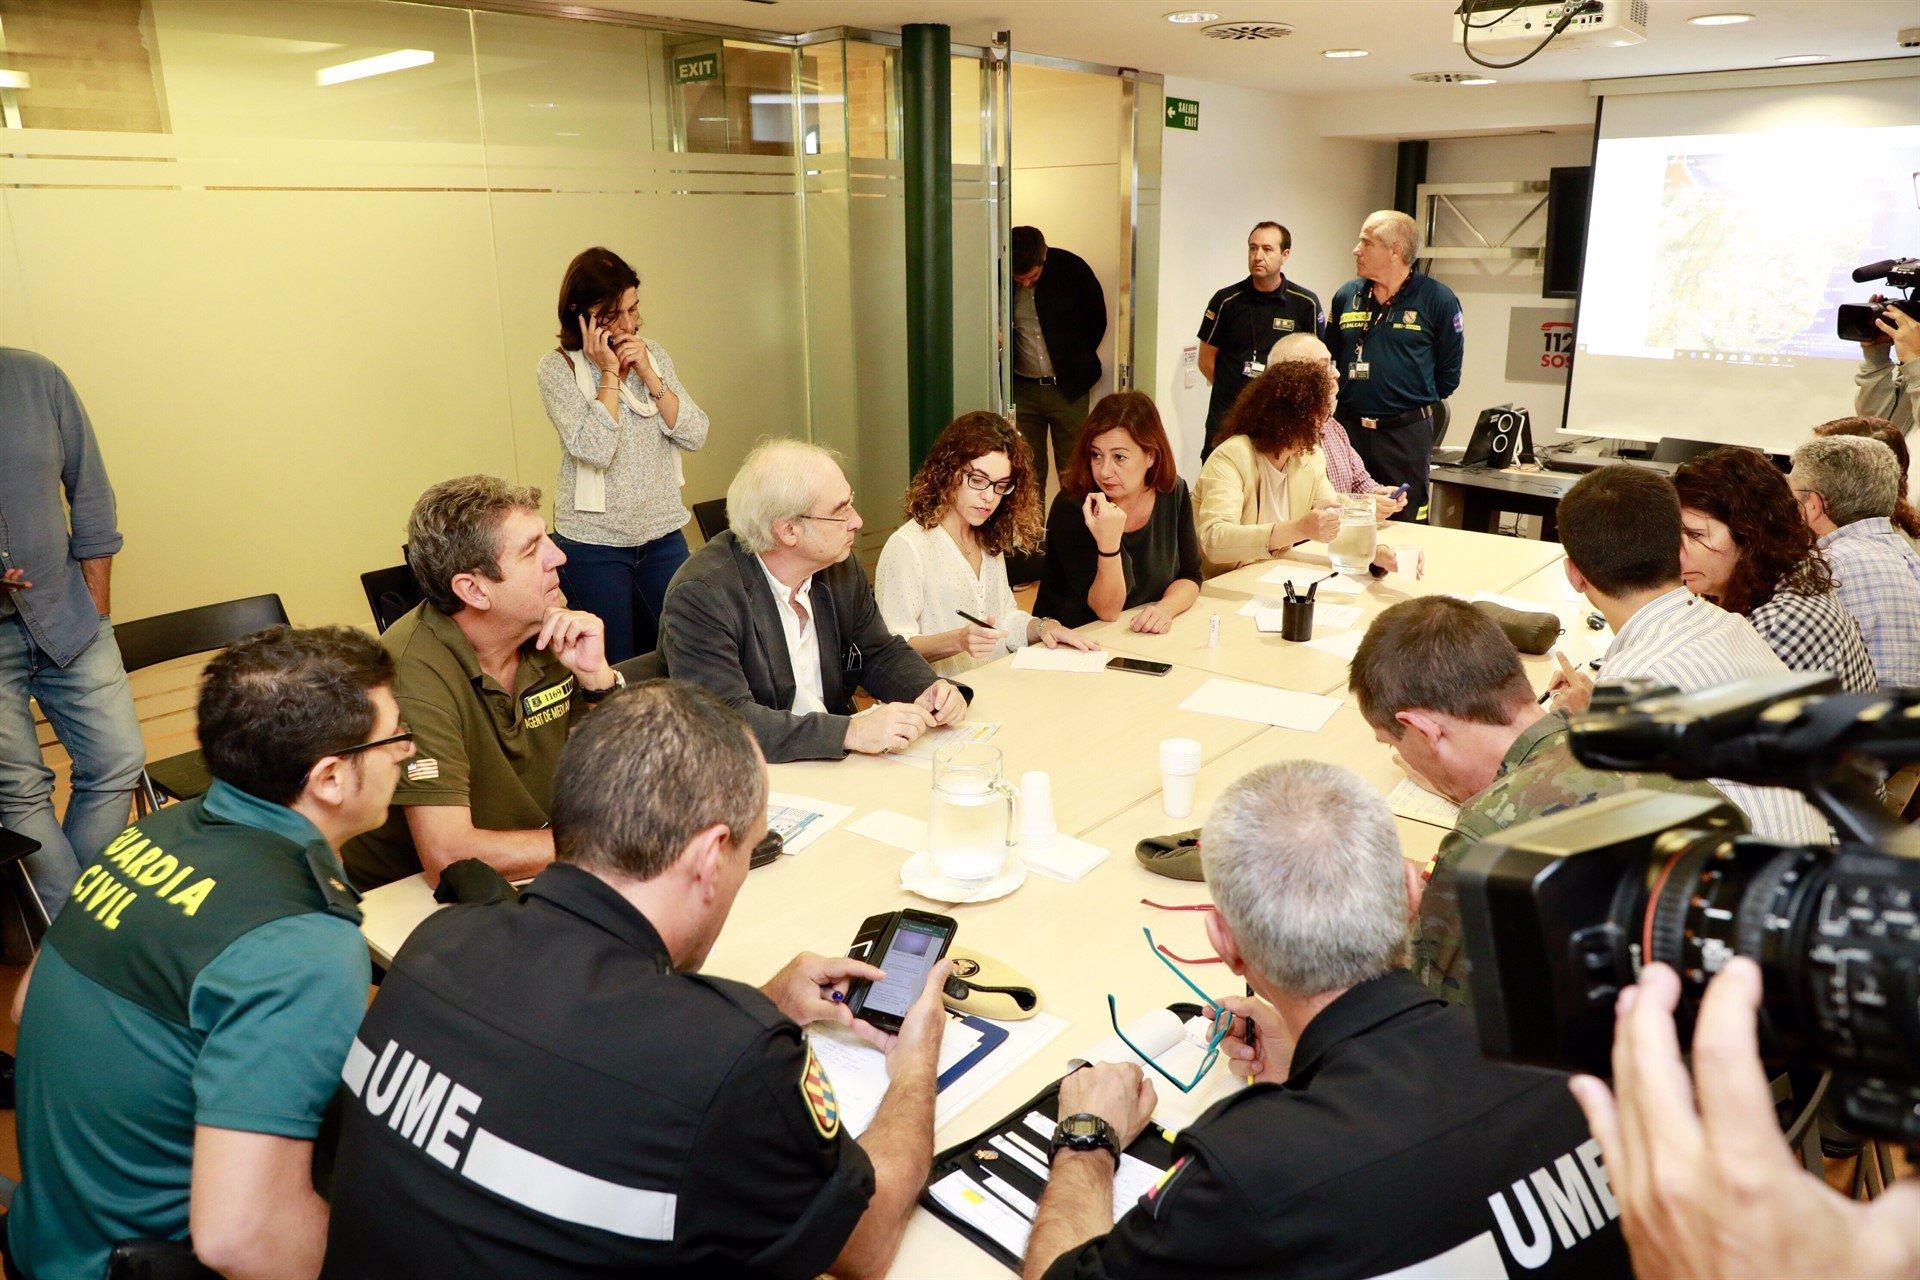 Armengol traslada su apoyo 'absoluto' a las familias de víctimas mortales y desaparecidos en el Llevant de Mallorca